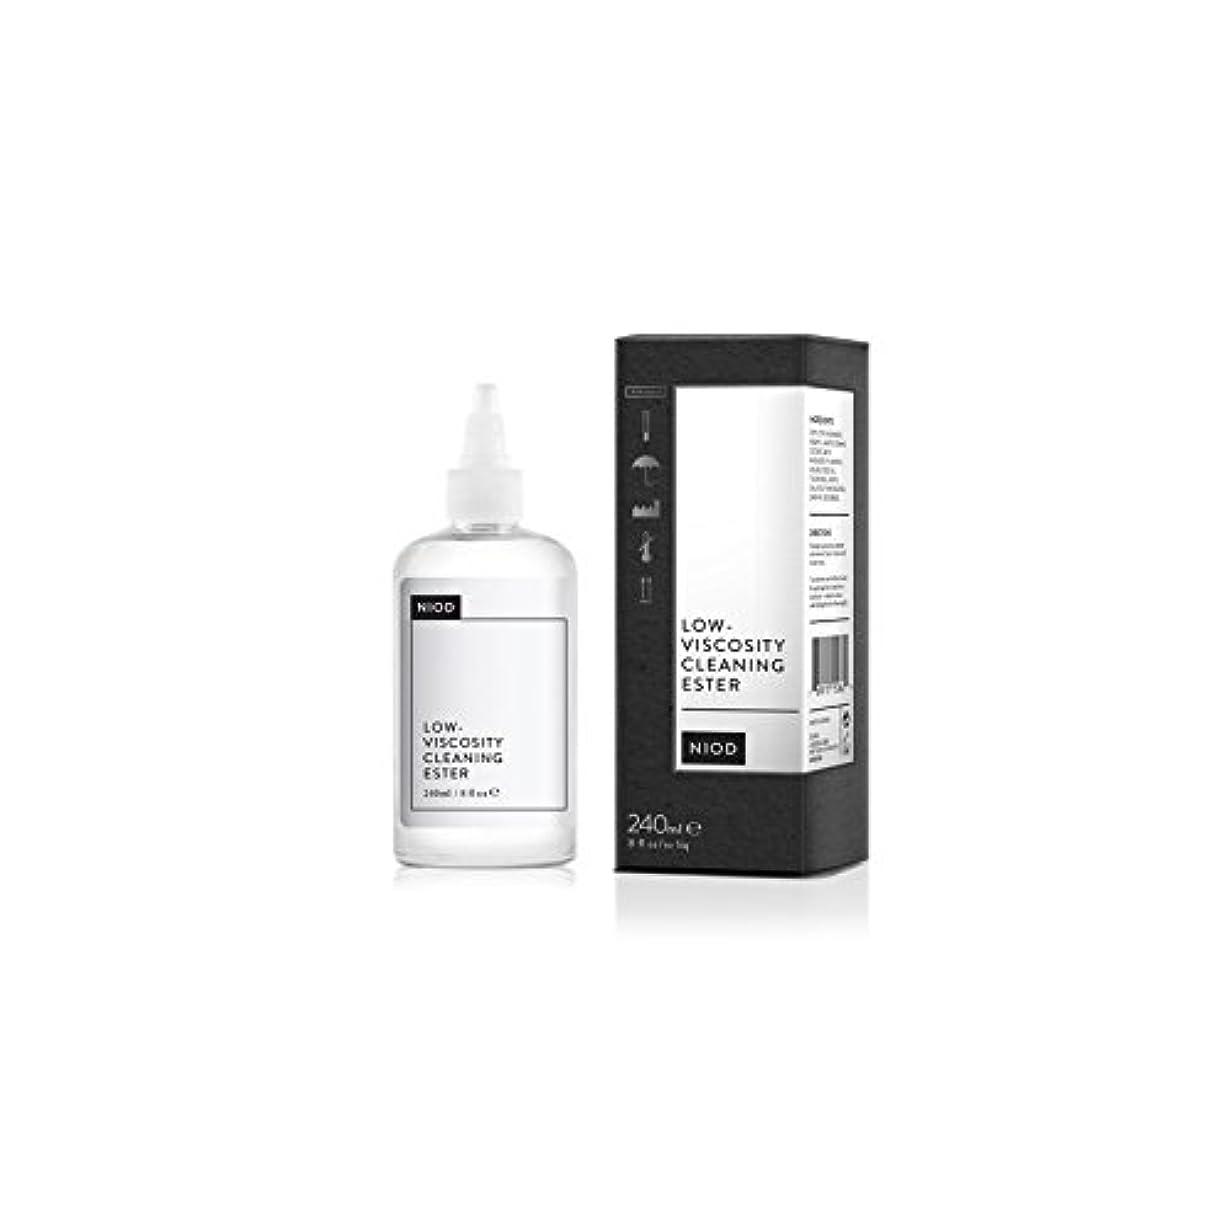 ふさわしい高く領事館低粘度のクリーニングエステル(240ミリリットル) x4 - Niod Low-Viscosity Cleaning Ester (240ml) (Pack of 4) [並行輸入品]